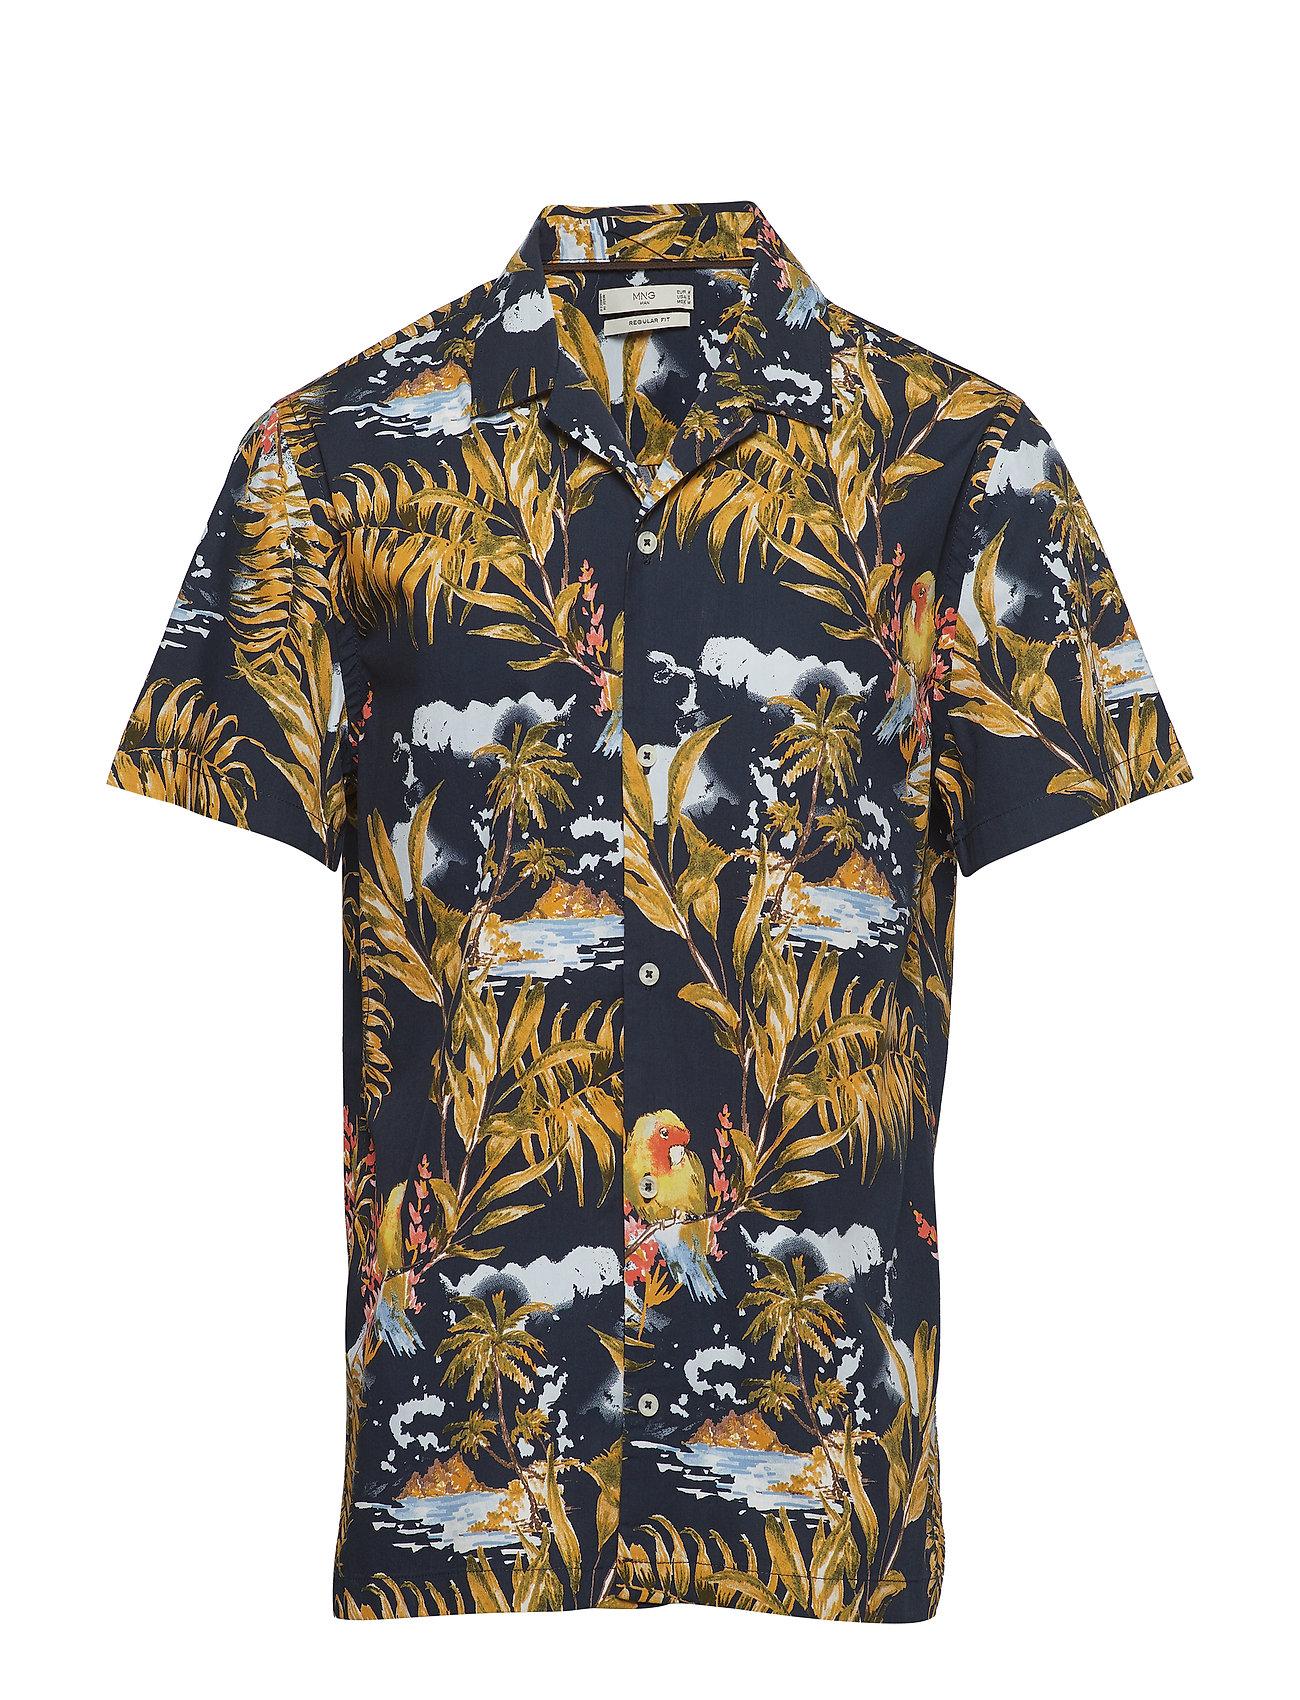 Mango Man Hawaiian printed slim fit shirt Ögrönlar